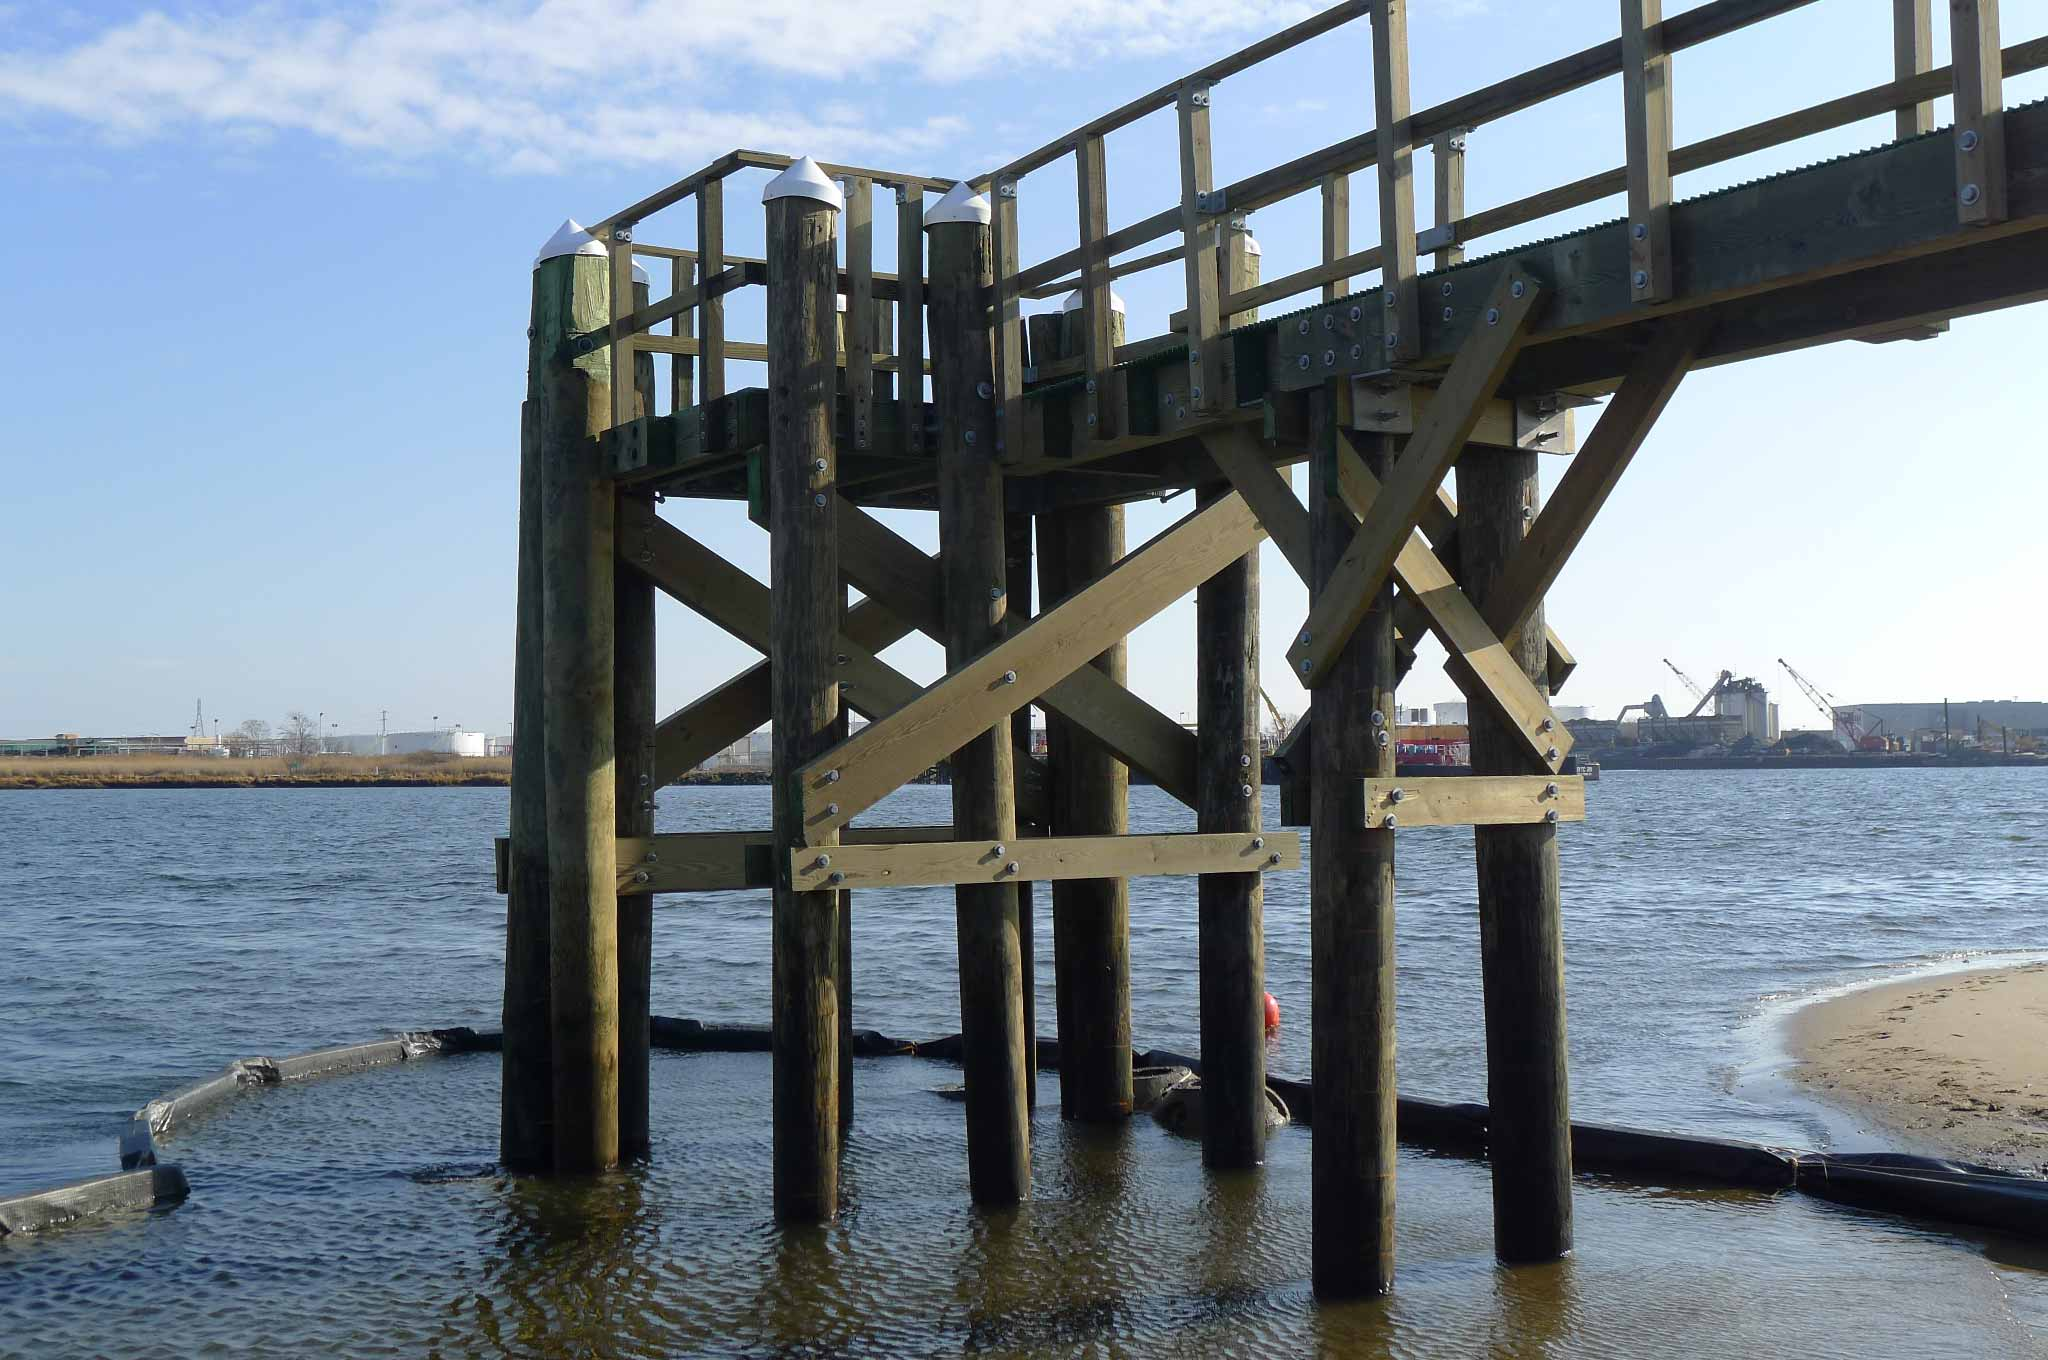 JFK Pier, New York, NY